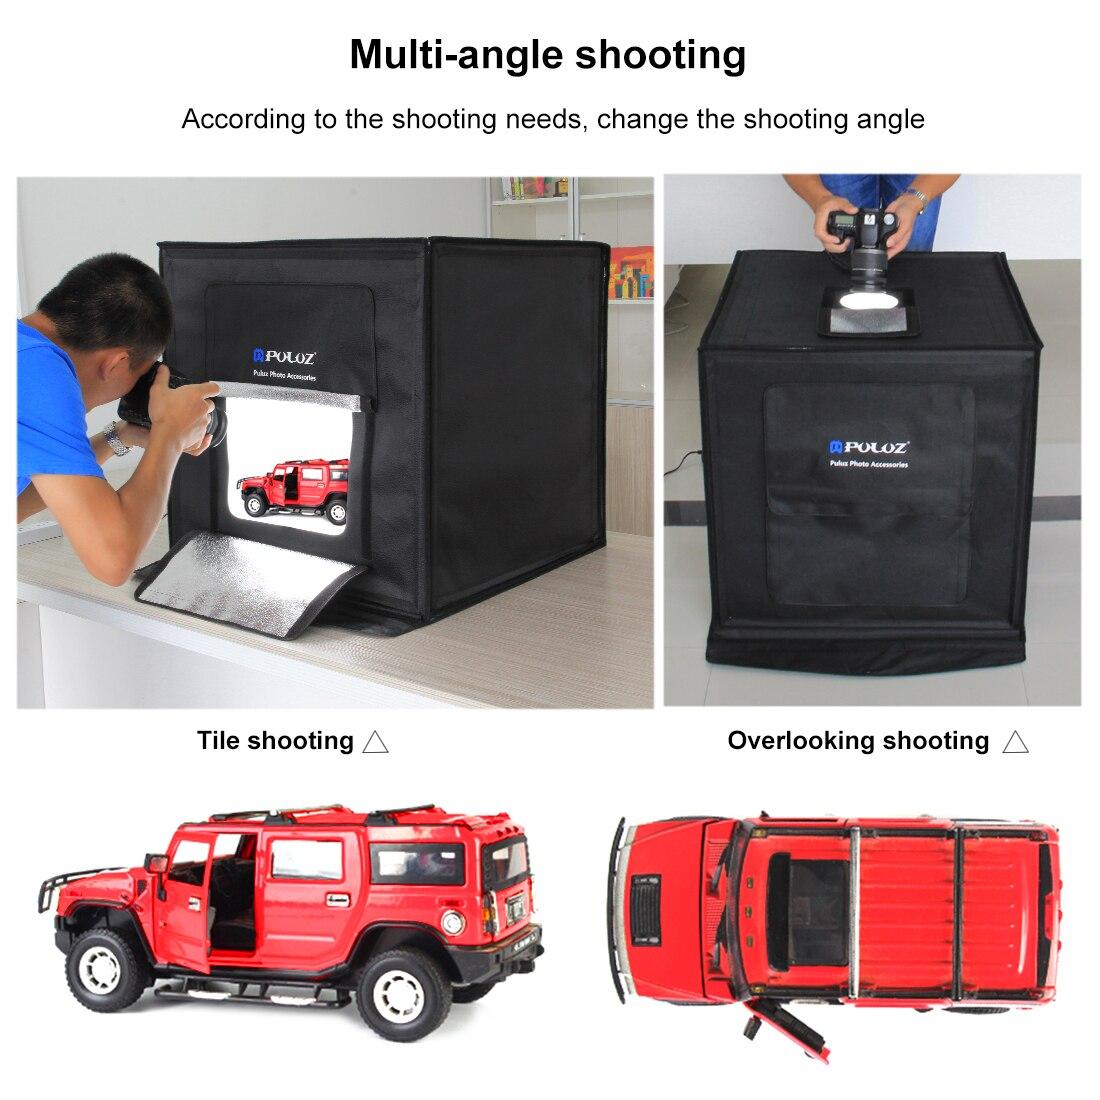 40*40*40 cm portable LED photo studio lumière tente ensemble + 3 décors + AC110-220V AU plug photographie tente kit lightbox photo boîte